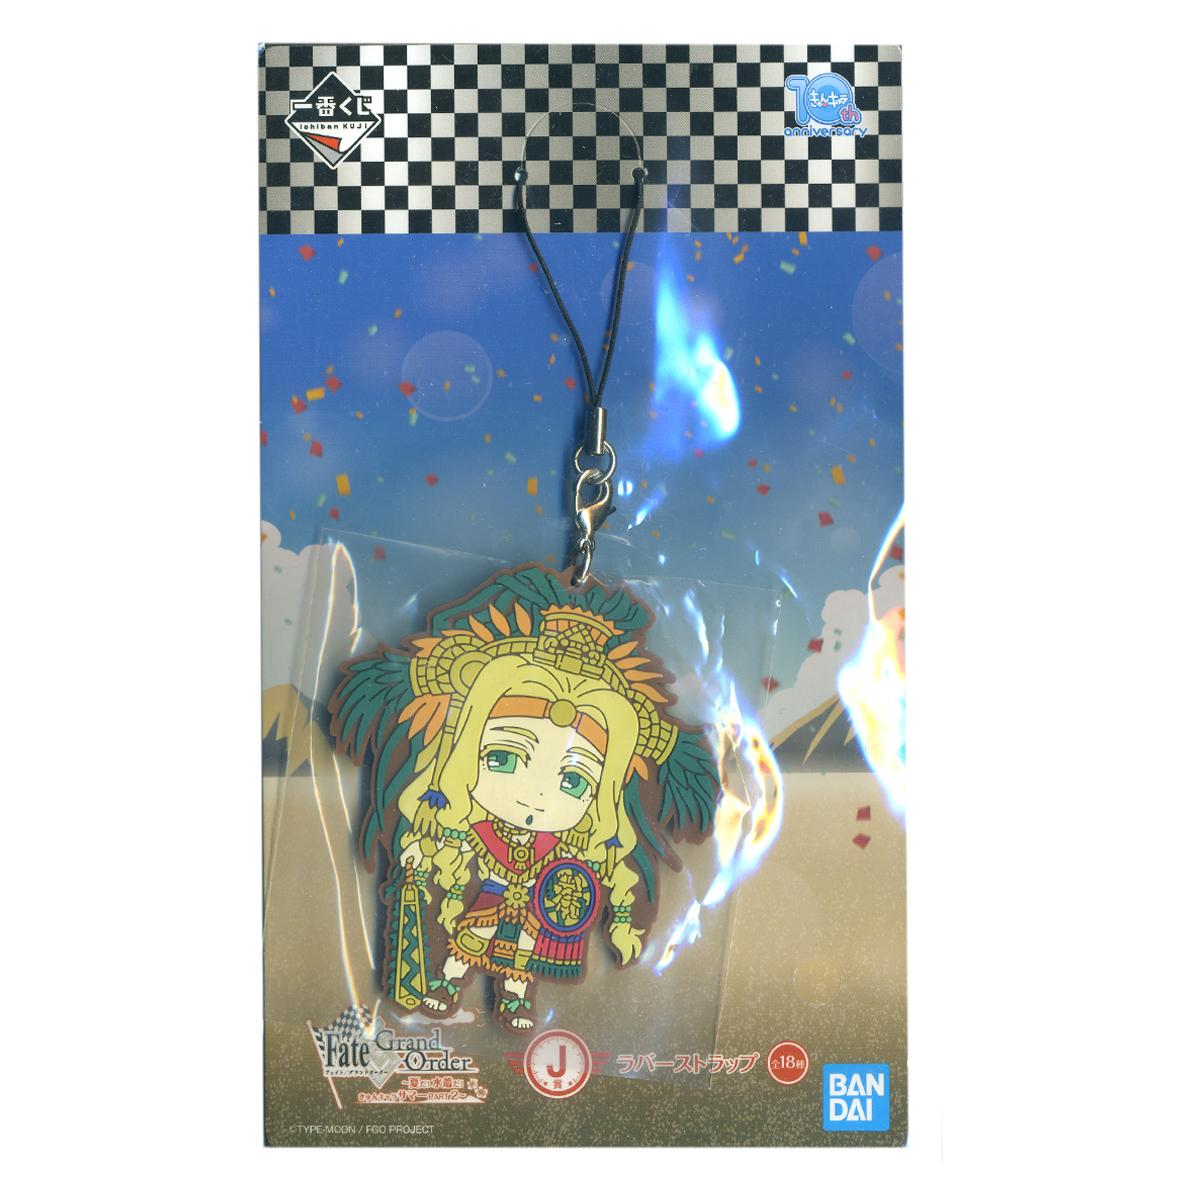 Rubber Strap Keychain Fate Grand Order J Award Kyun Chara Summer PART 2  Ichiban kuji Lottery Banpresto